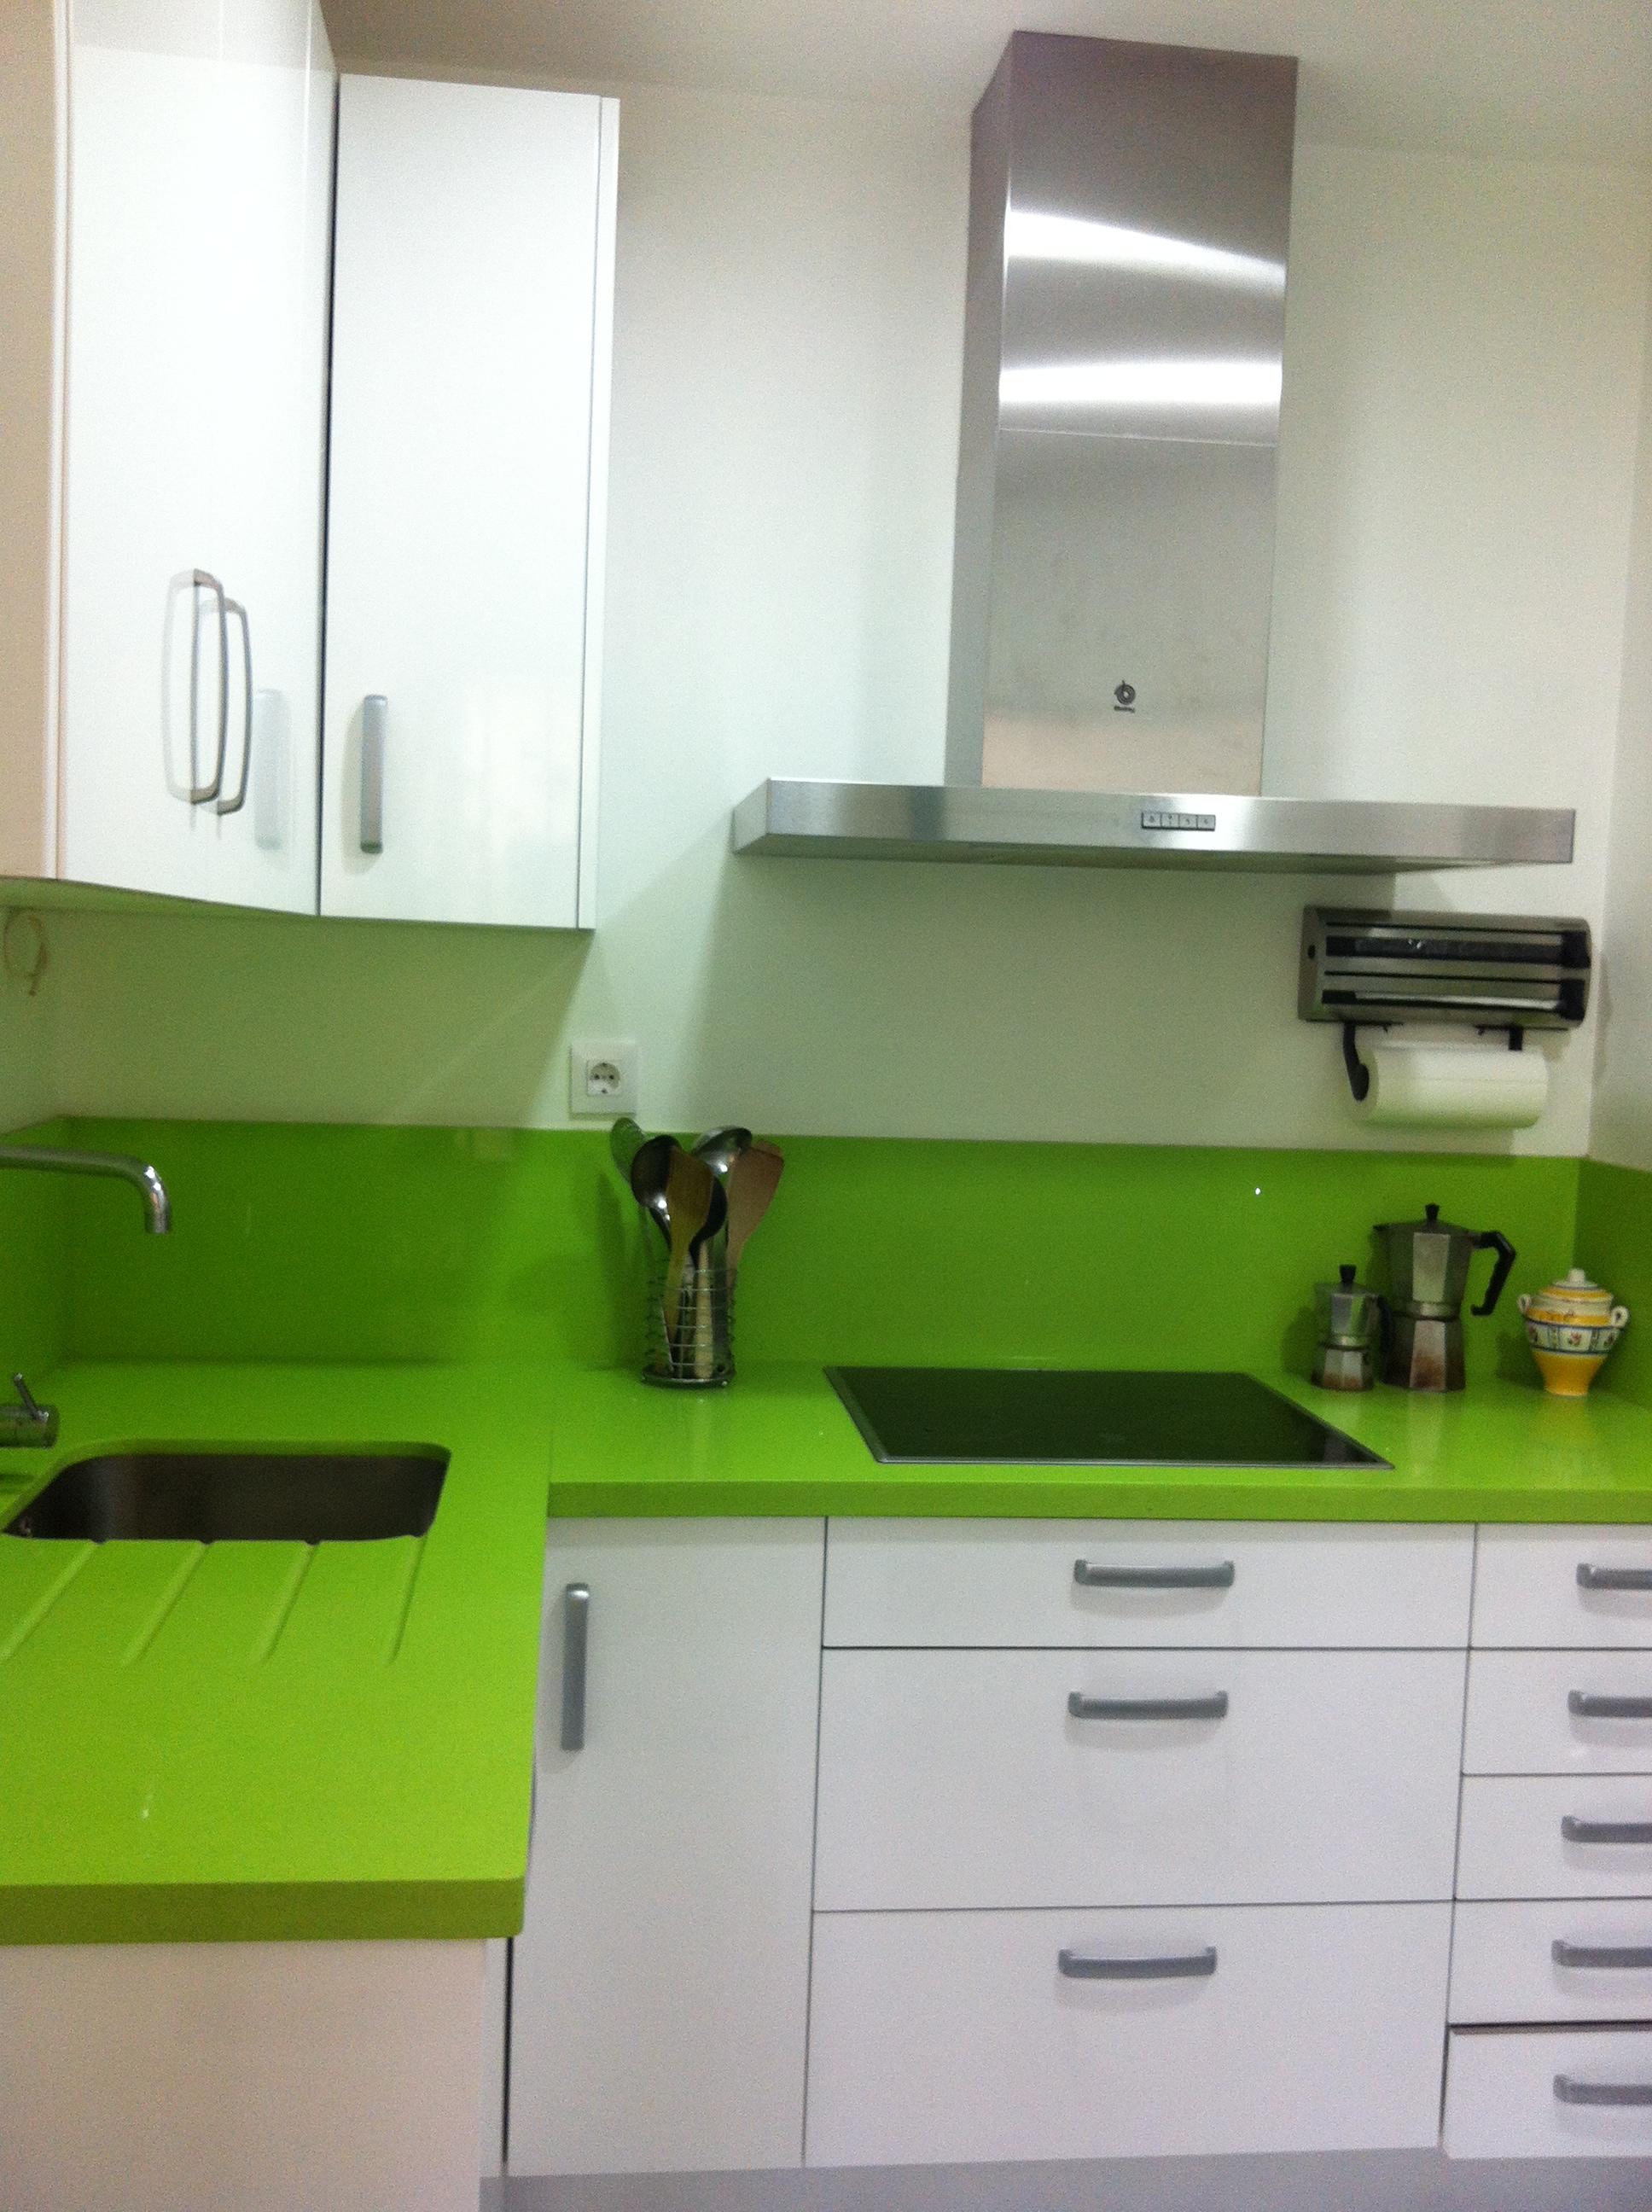 Nuestras cocinas selecci n cocinas tienda de cocinas for Cocina encimera verde